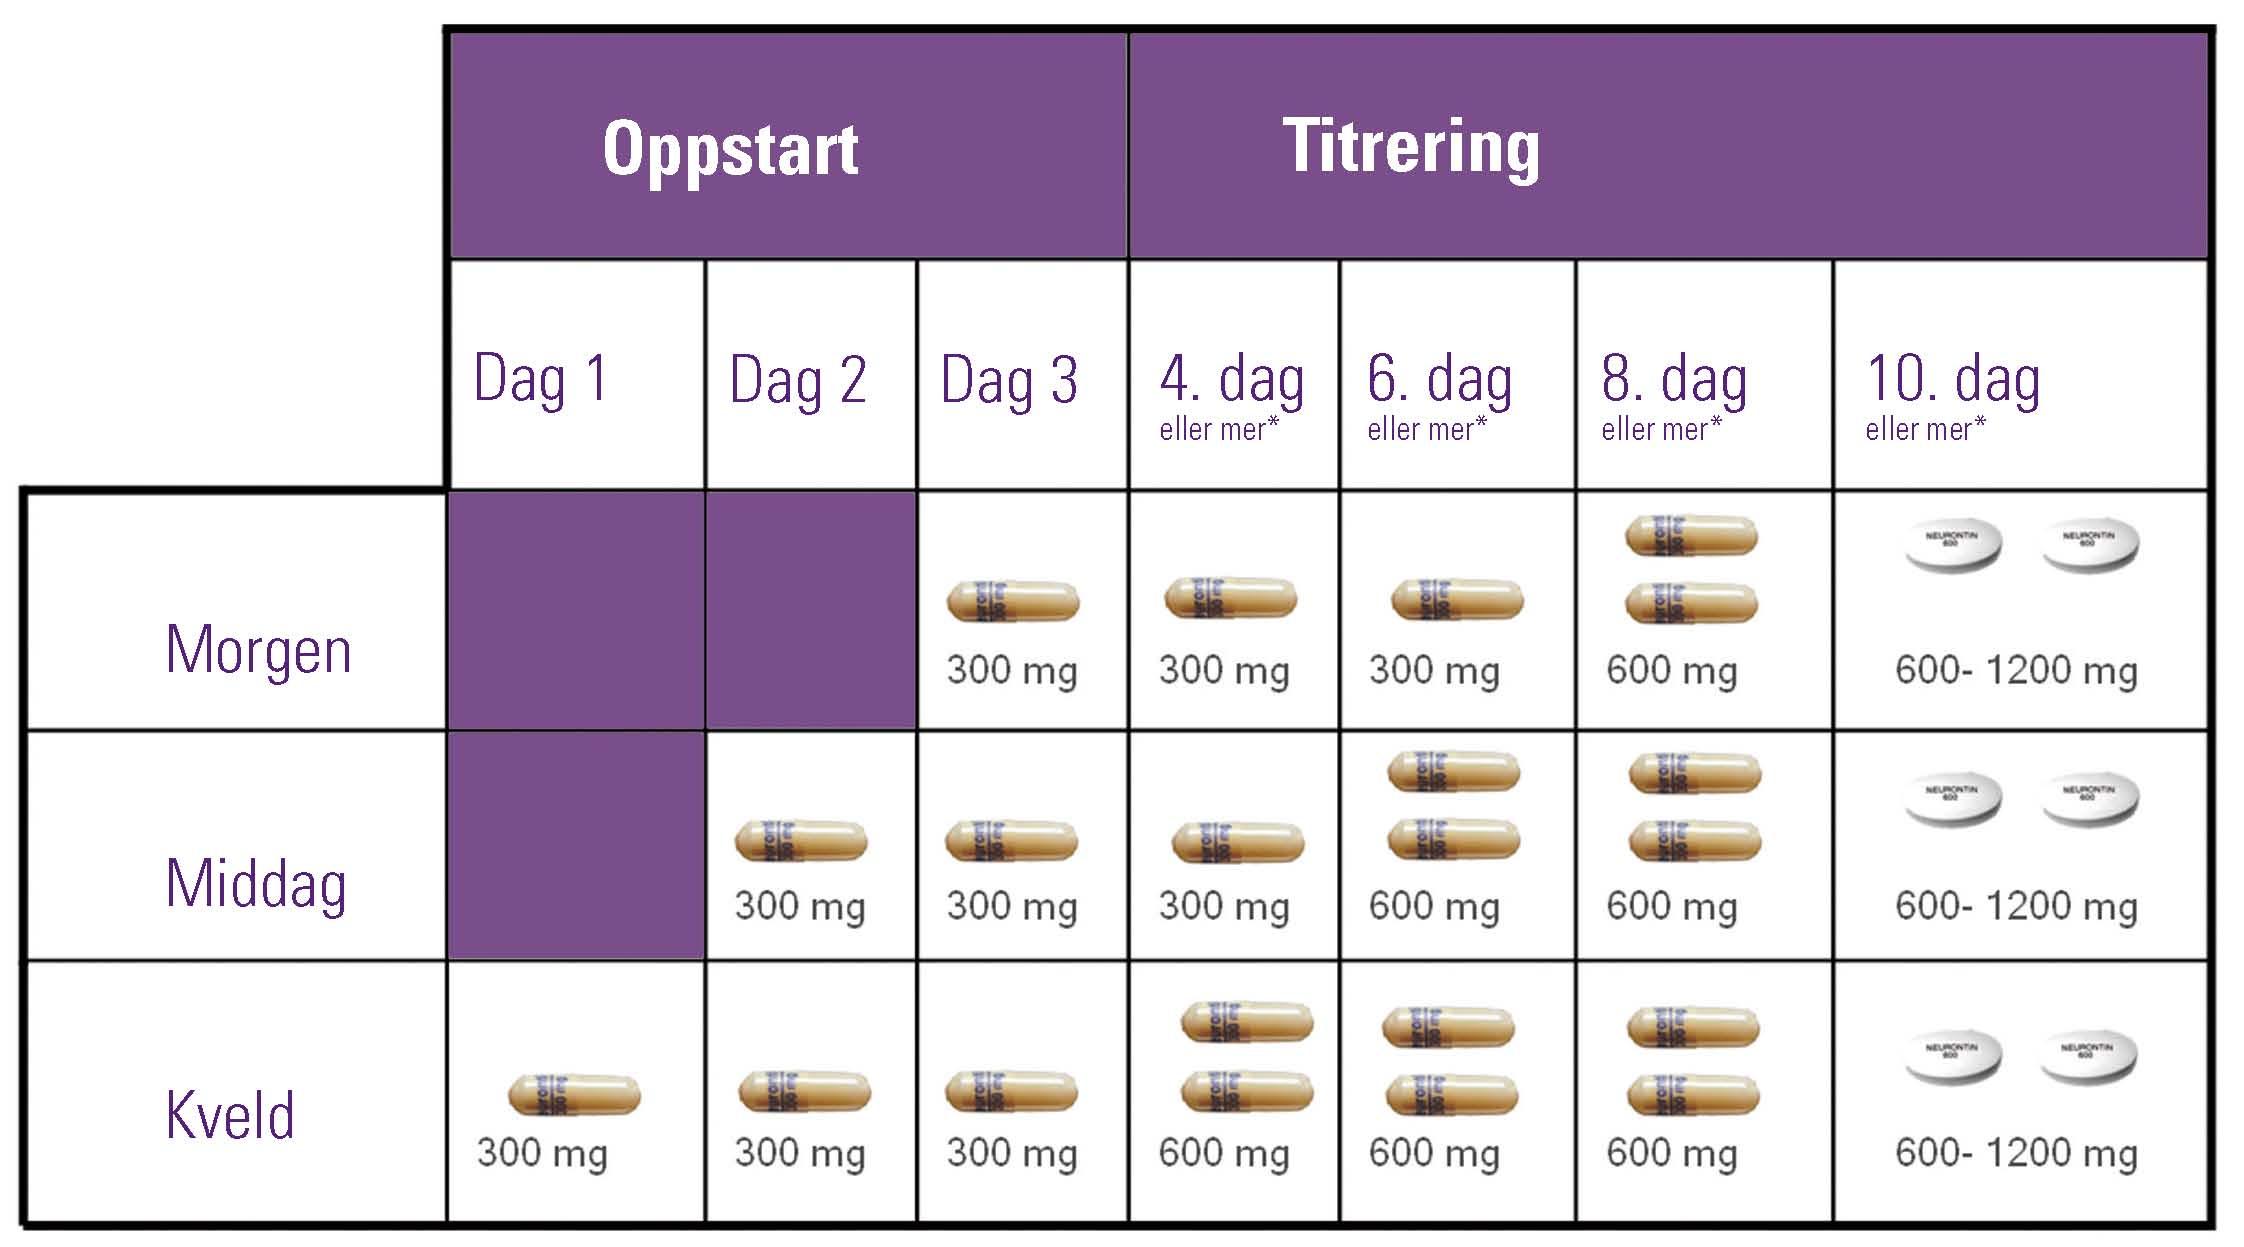 Dosekort_Neurontin_dosekort_E2012-0132_tabell.jpg